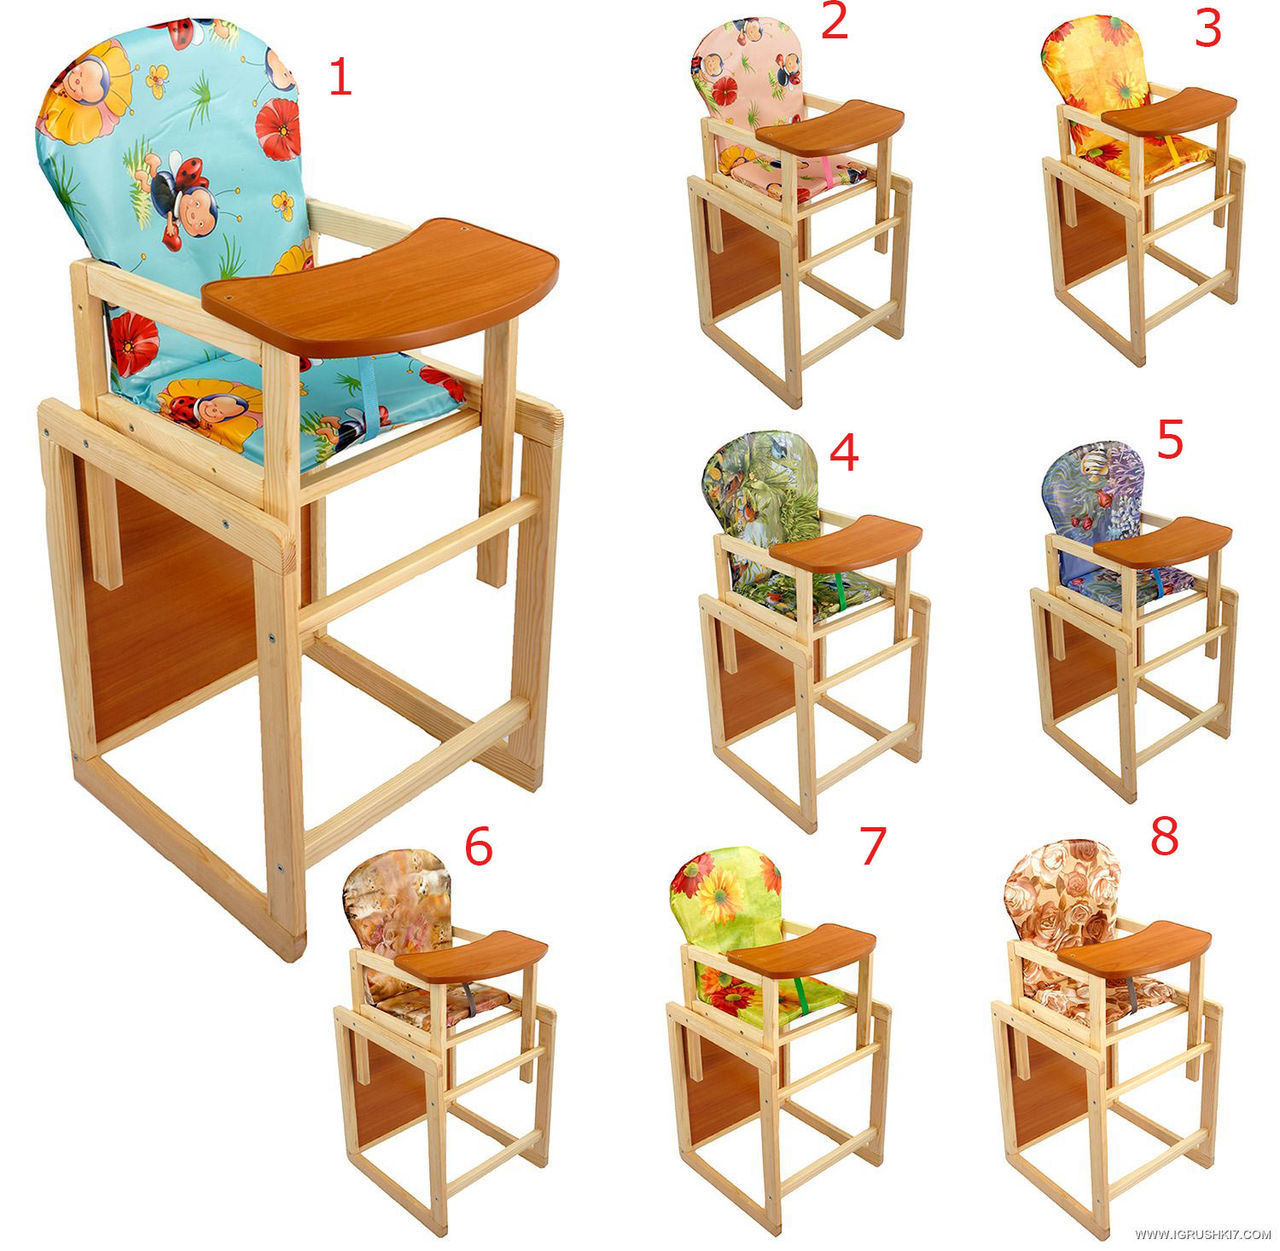 Детский стульчик для кормления (105 фото) 2020: компактный стол и стулья для детей от peg perego и chicco, как выбрать